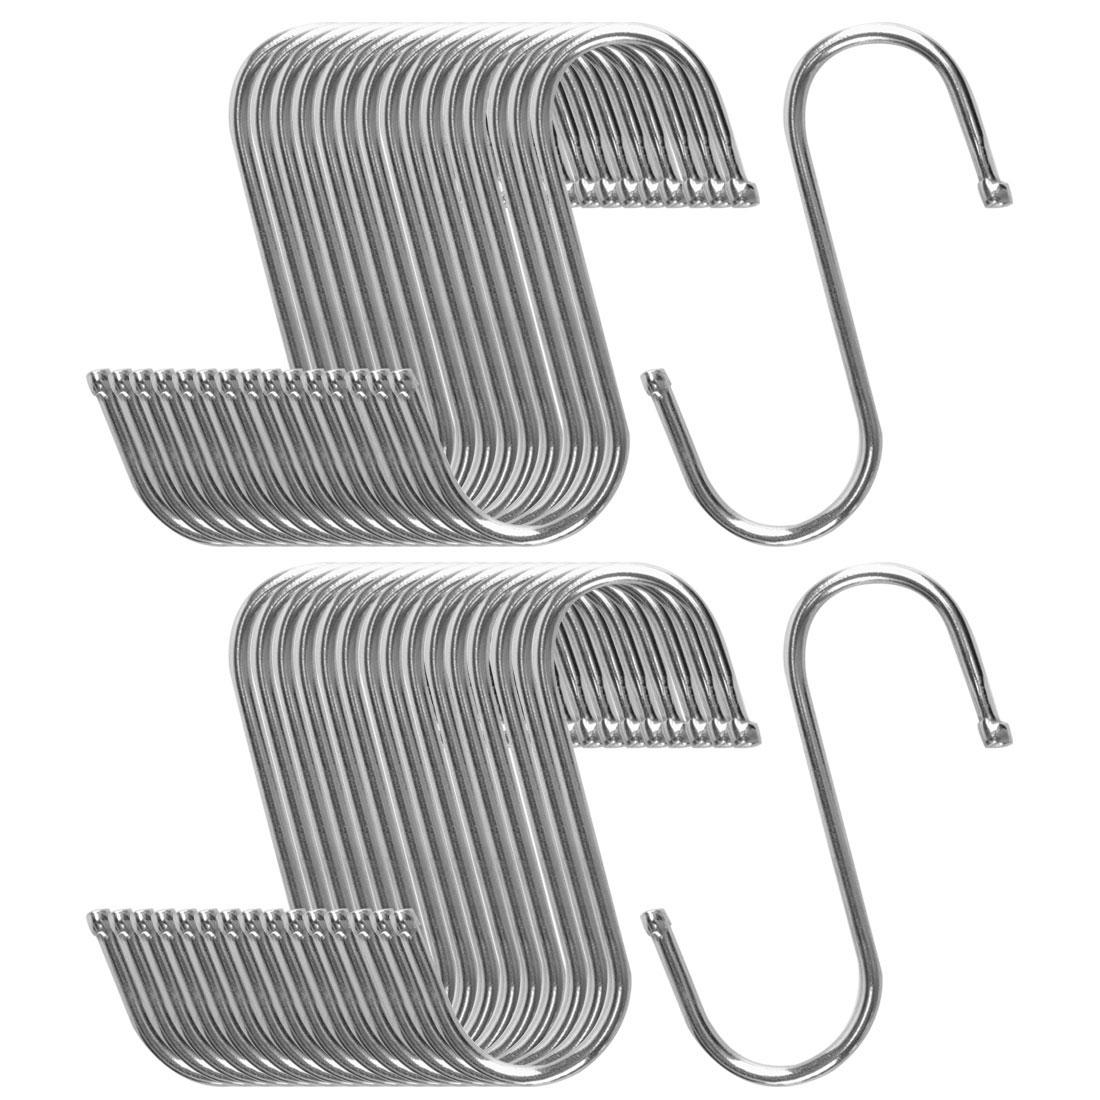 32pcs S Shaped Hook Stainless Steel for Kitchenware Hat Utensil Holder Rack